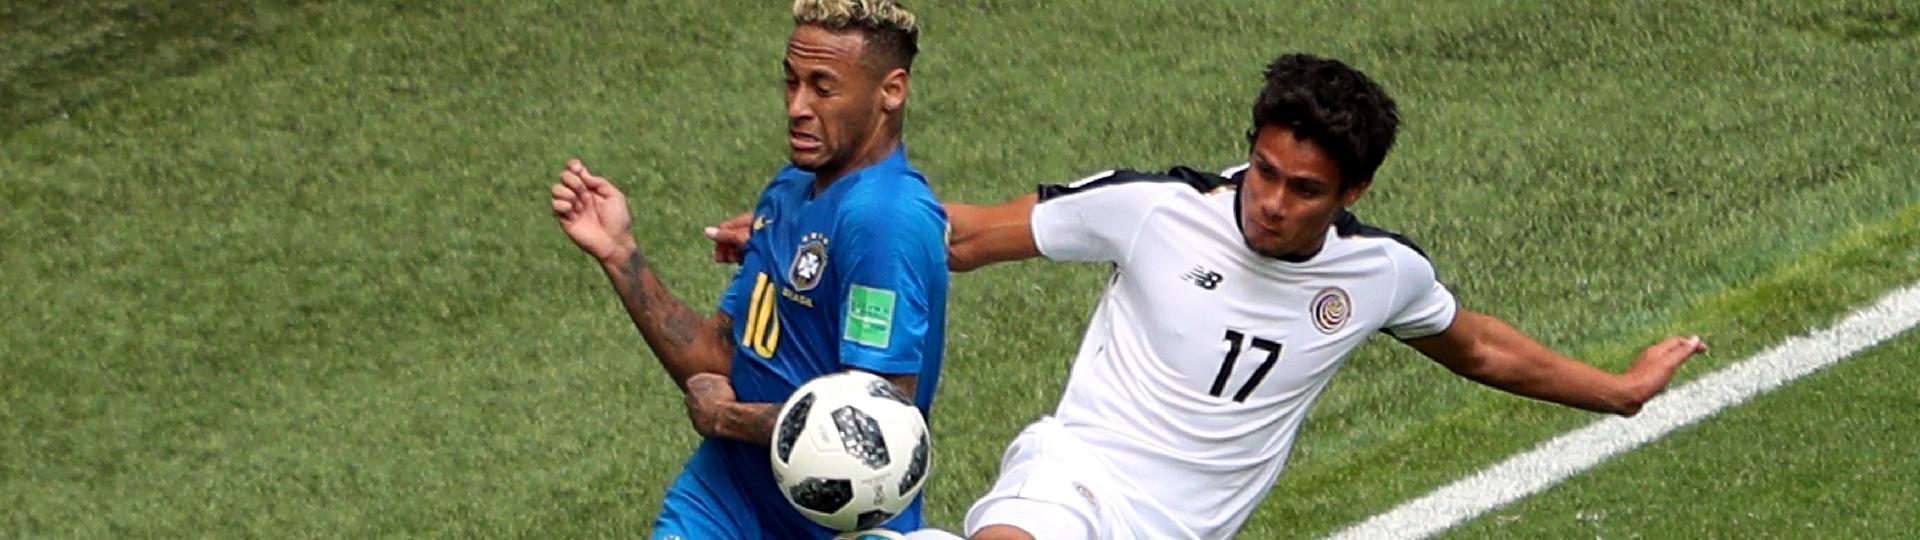 Neymar dá carretilha em Tejeda durante partida entre Brasil e Costa Rica na Copa do Mundo